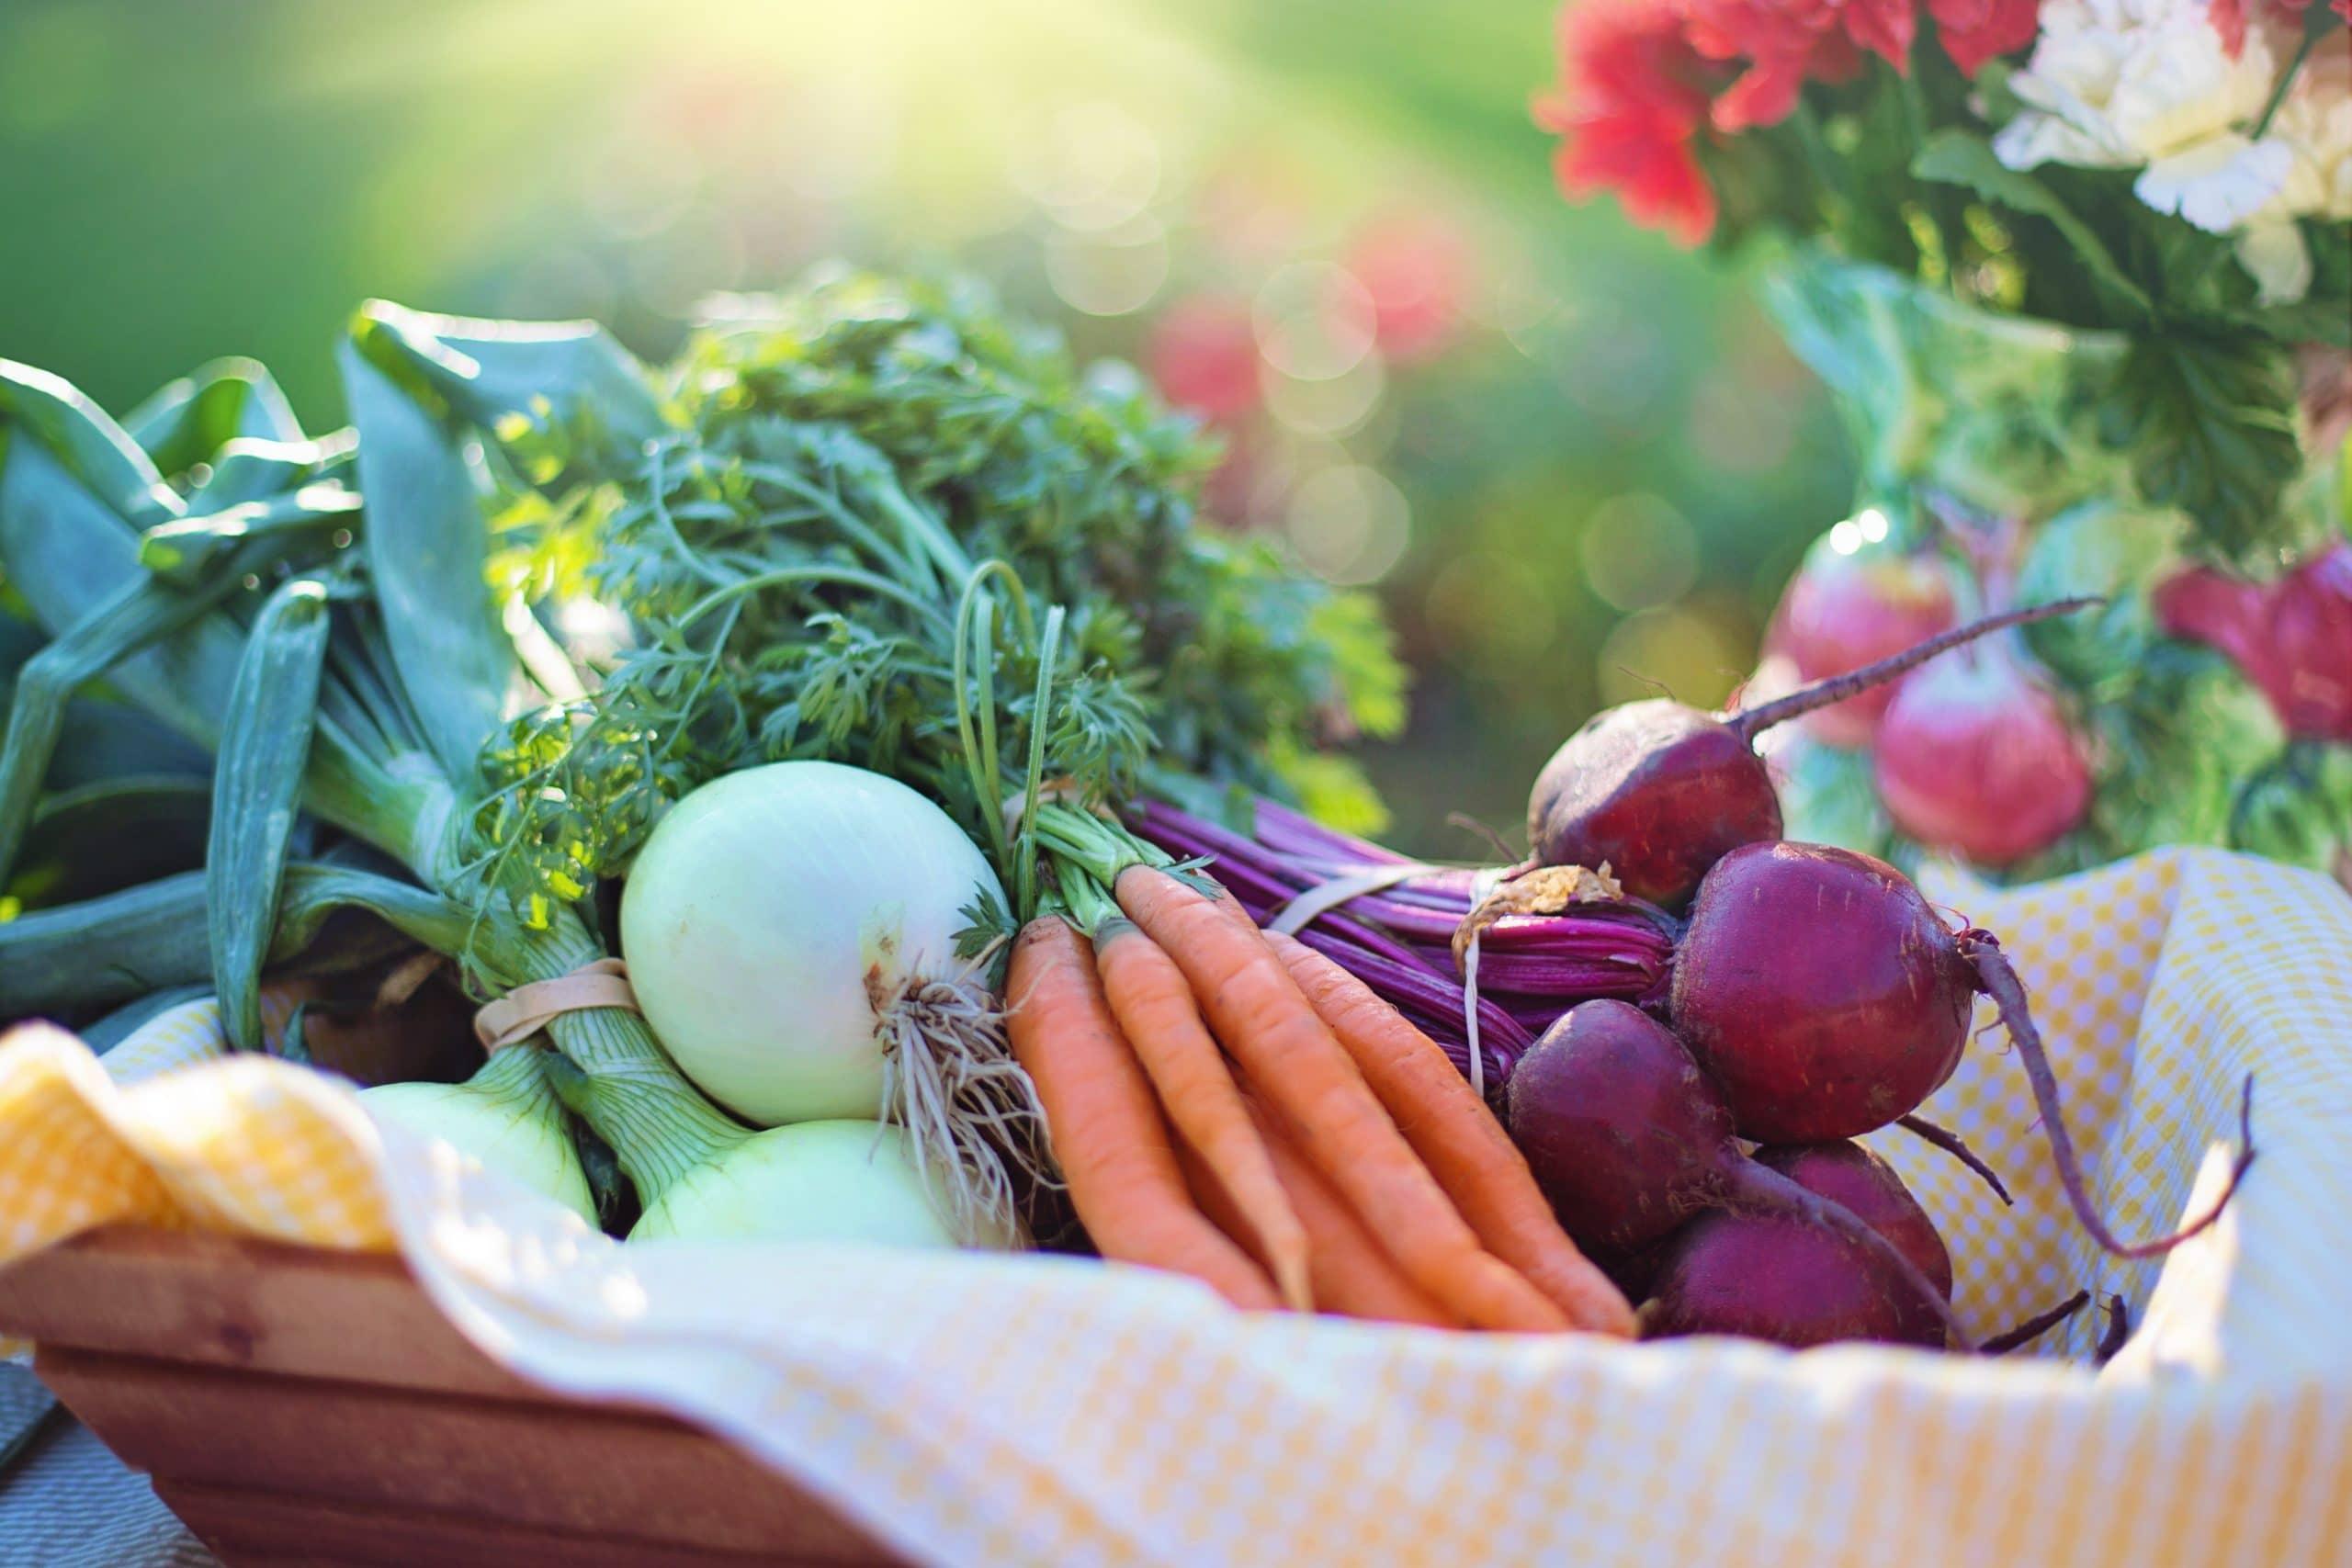 Cesta cheia de frutas e legumes.